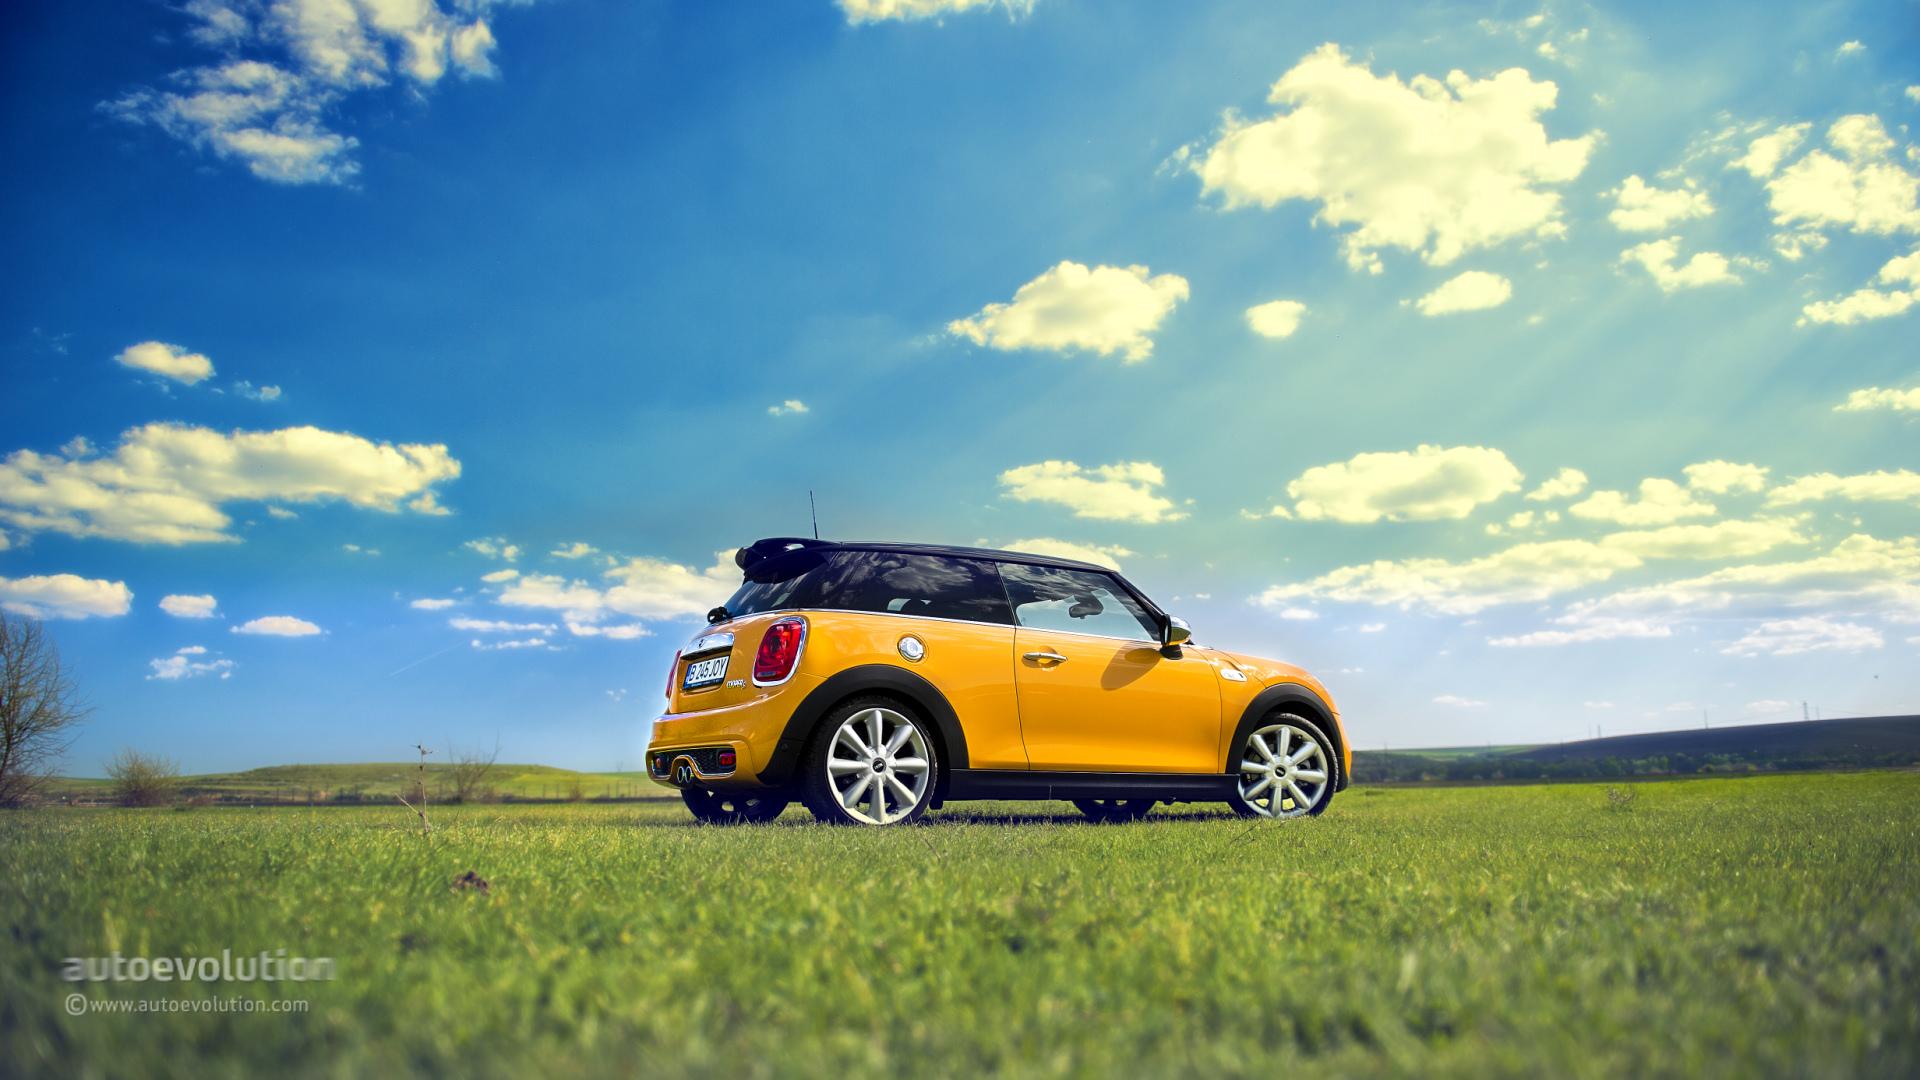 mini wallpaper,land vehicle,vehicle,car,mini,mini cooper